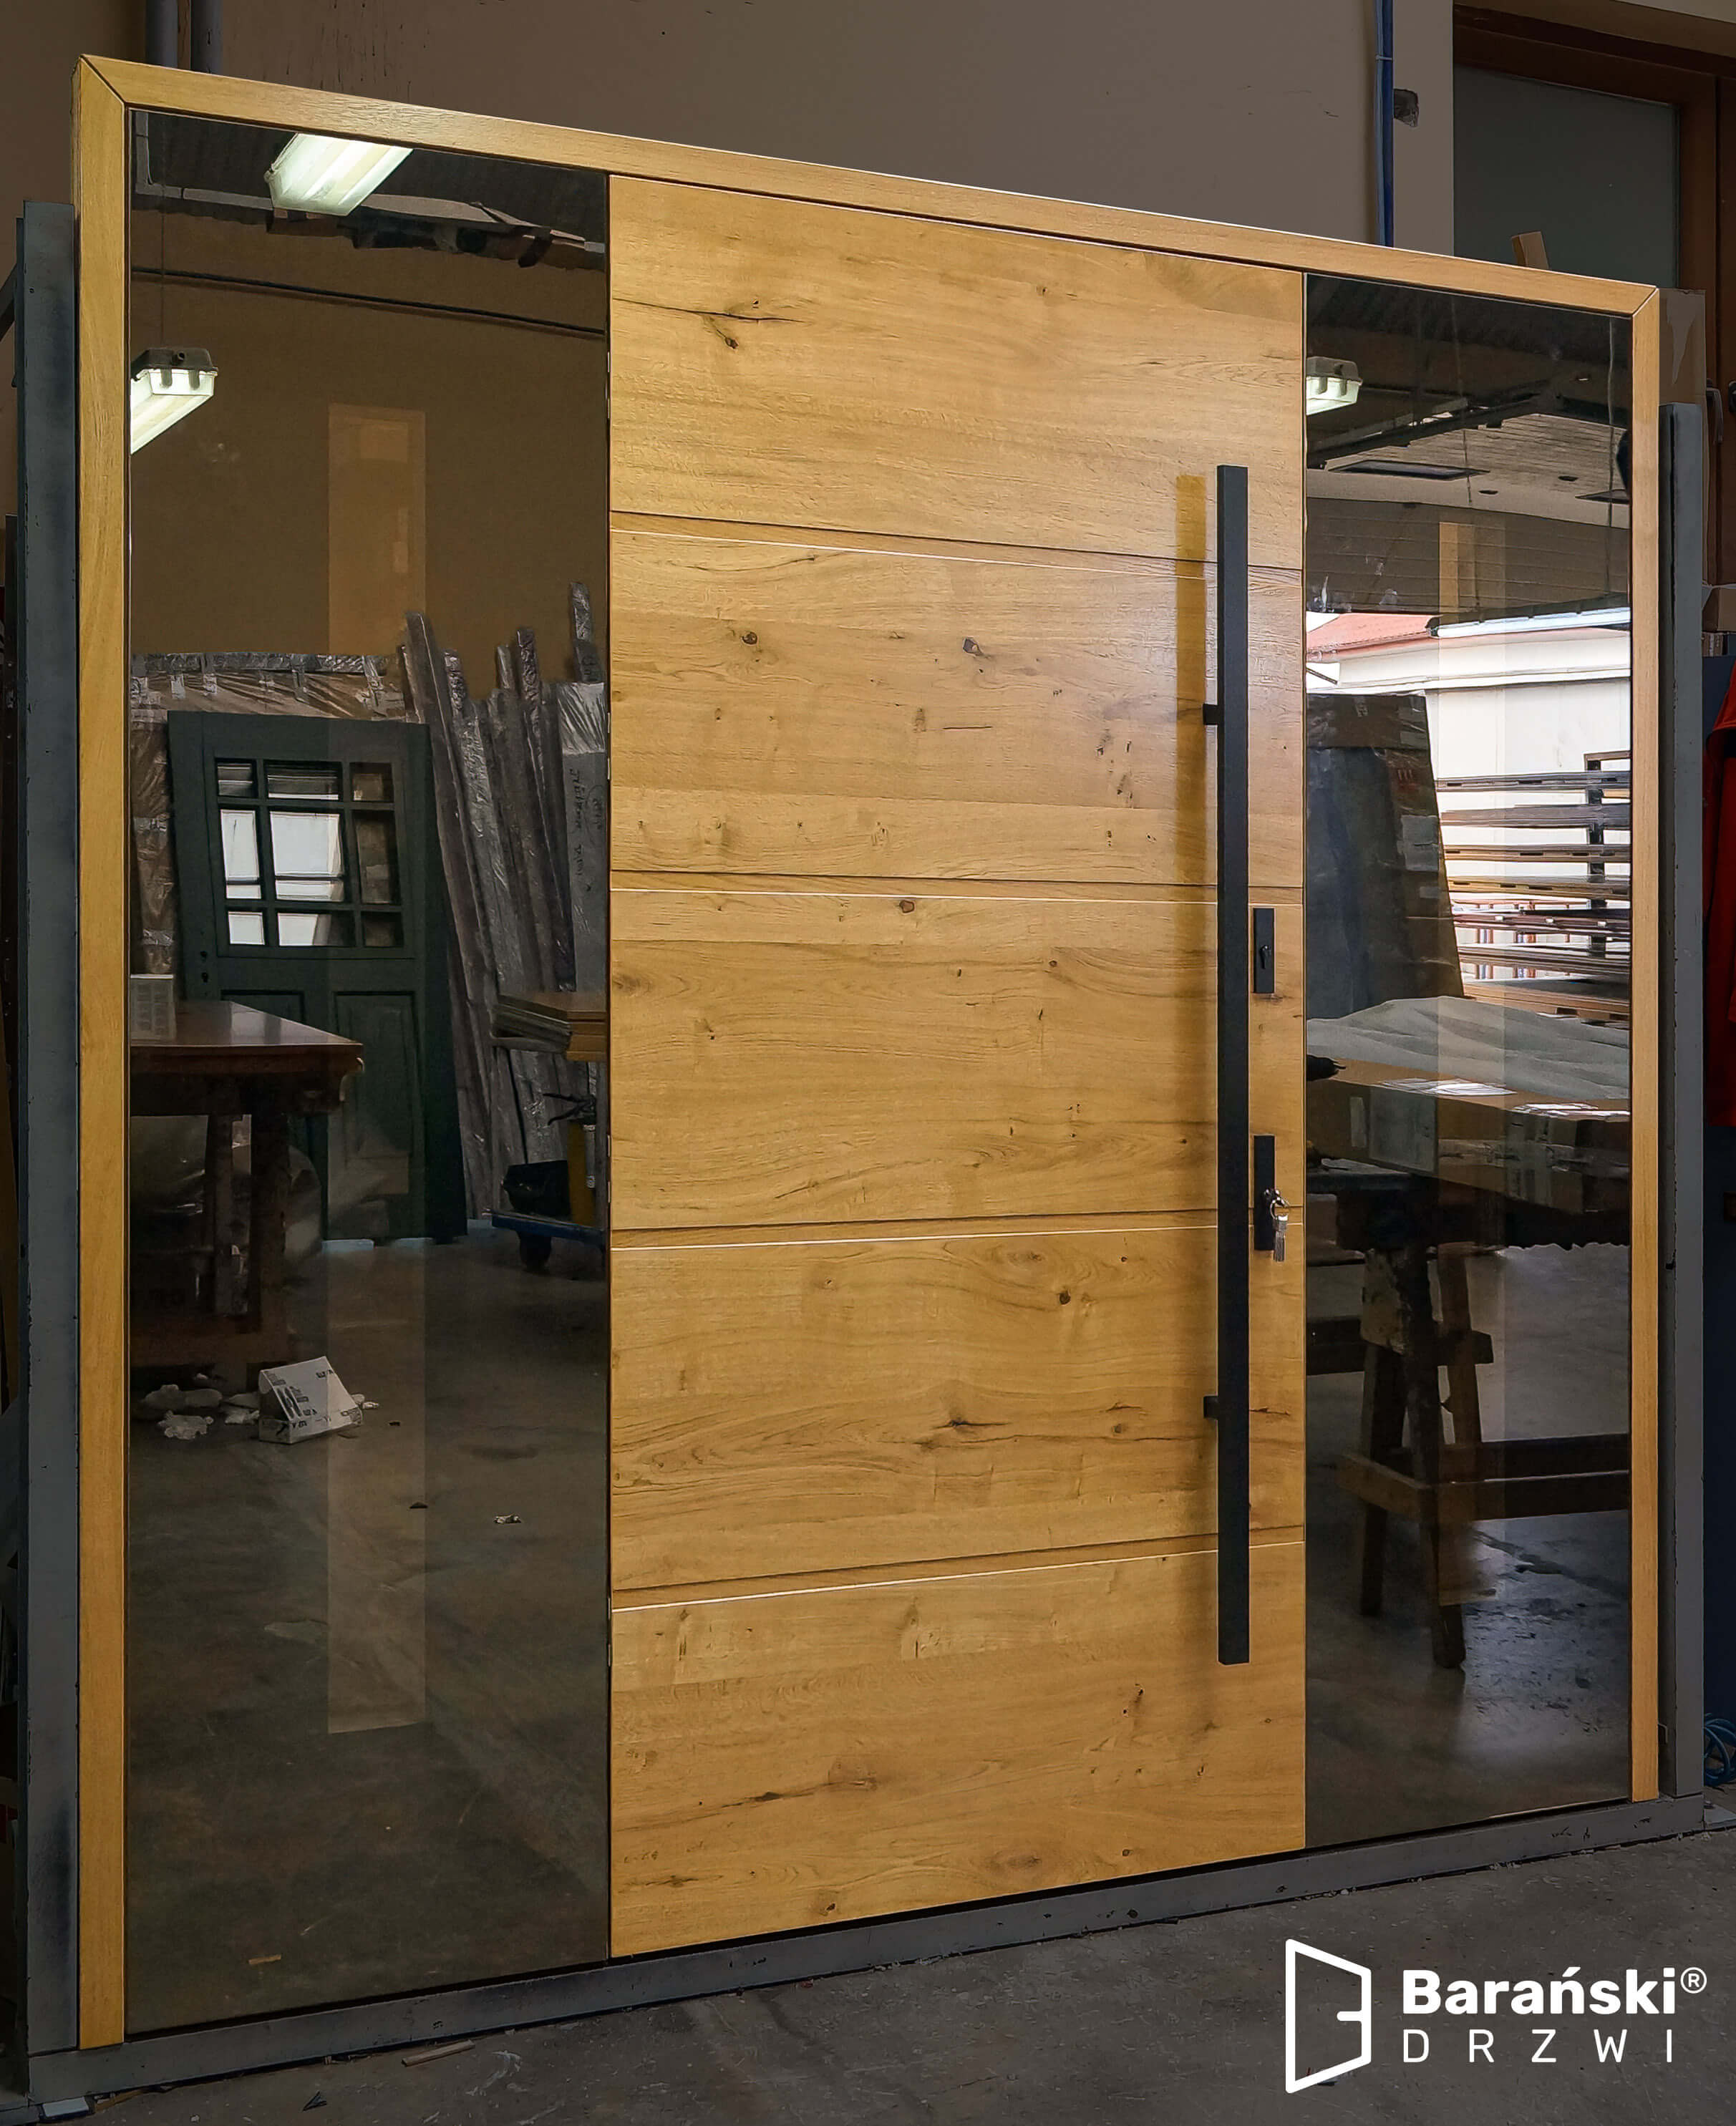 Barański dom o takich drzwiach prezentuje się nowocześnie